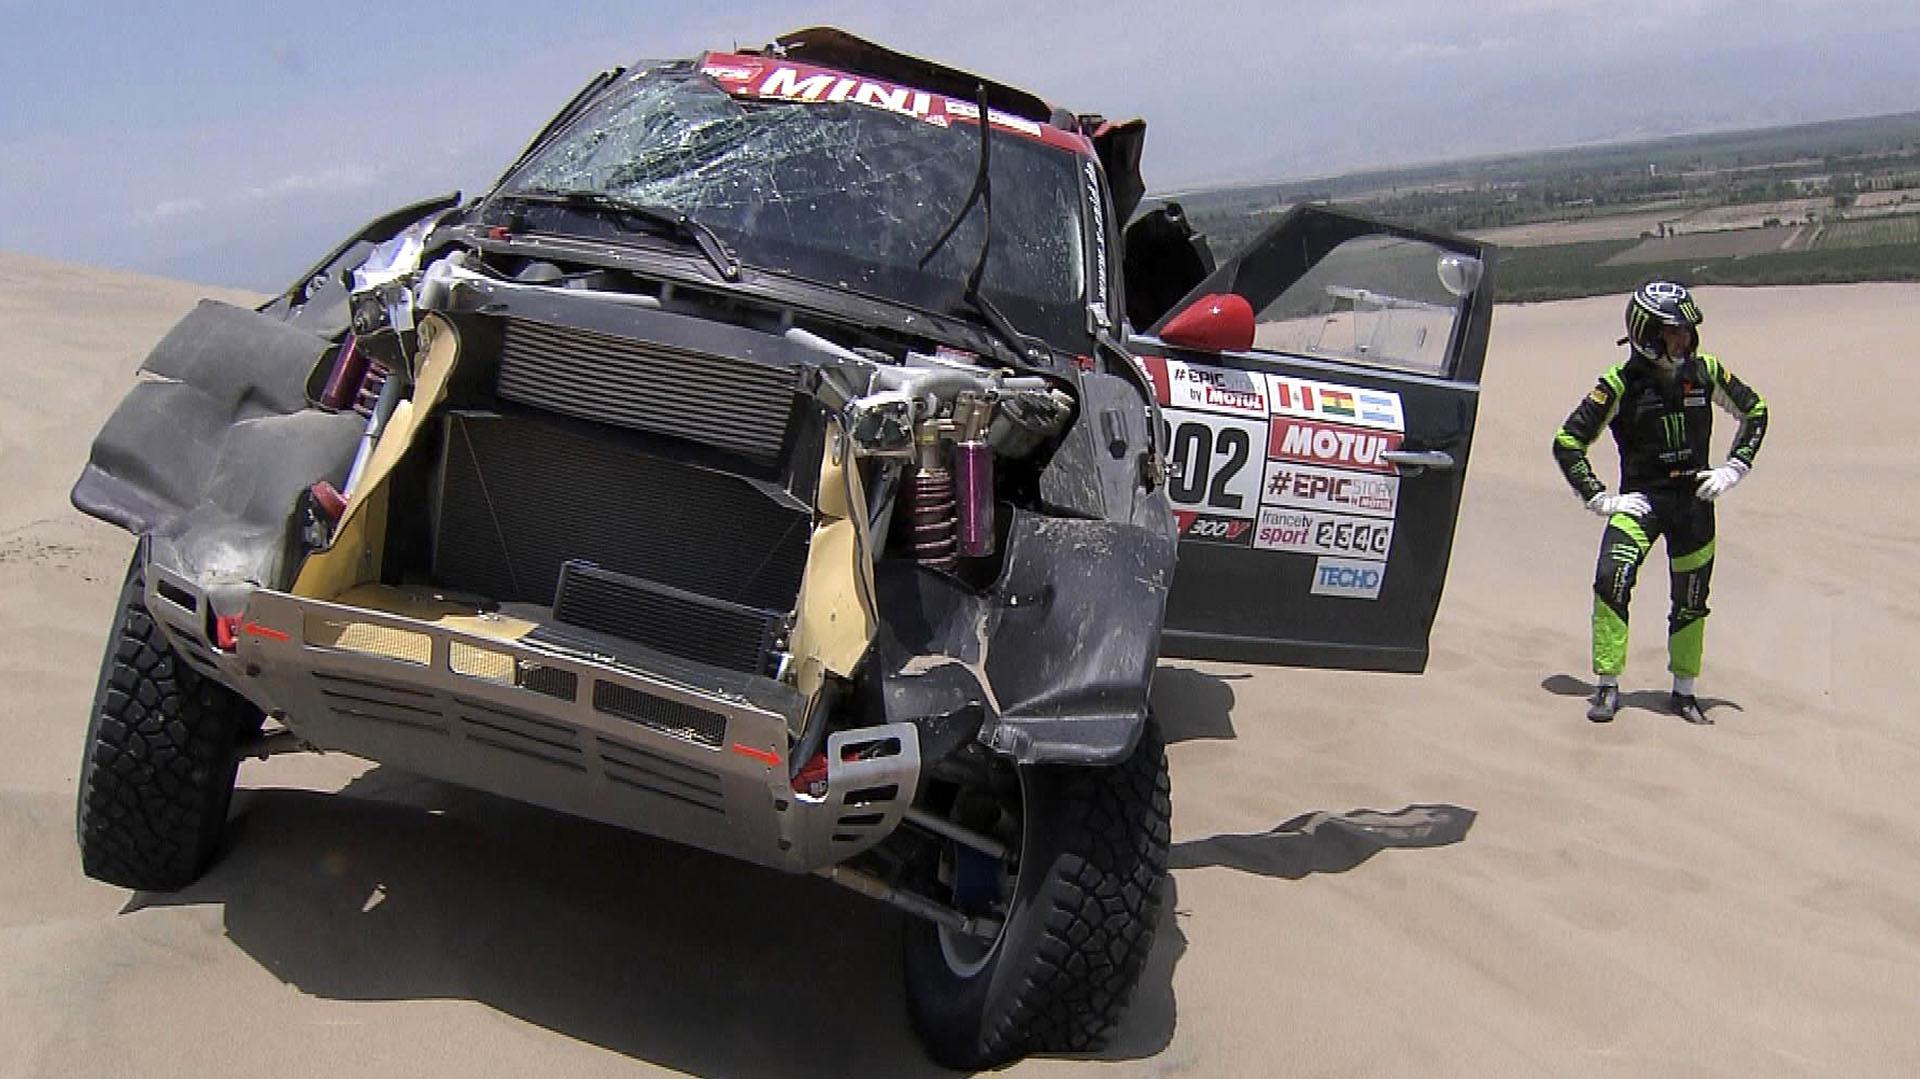 Así quedó el coche de Nani Roma tras su accidente en la tercera etapa, que iba de Pisco a San Juan de Marcona, Perú (AFP)